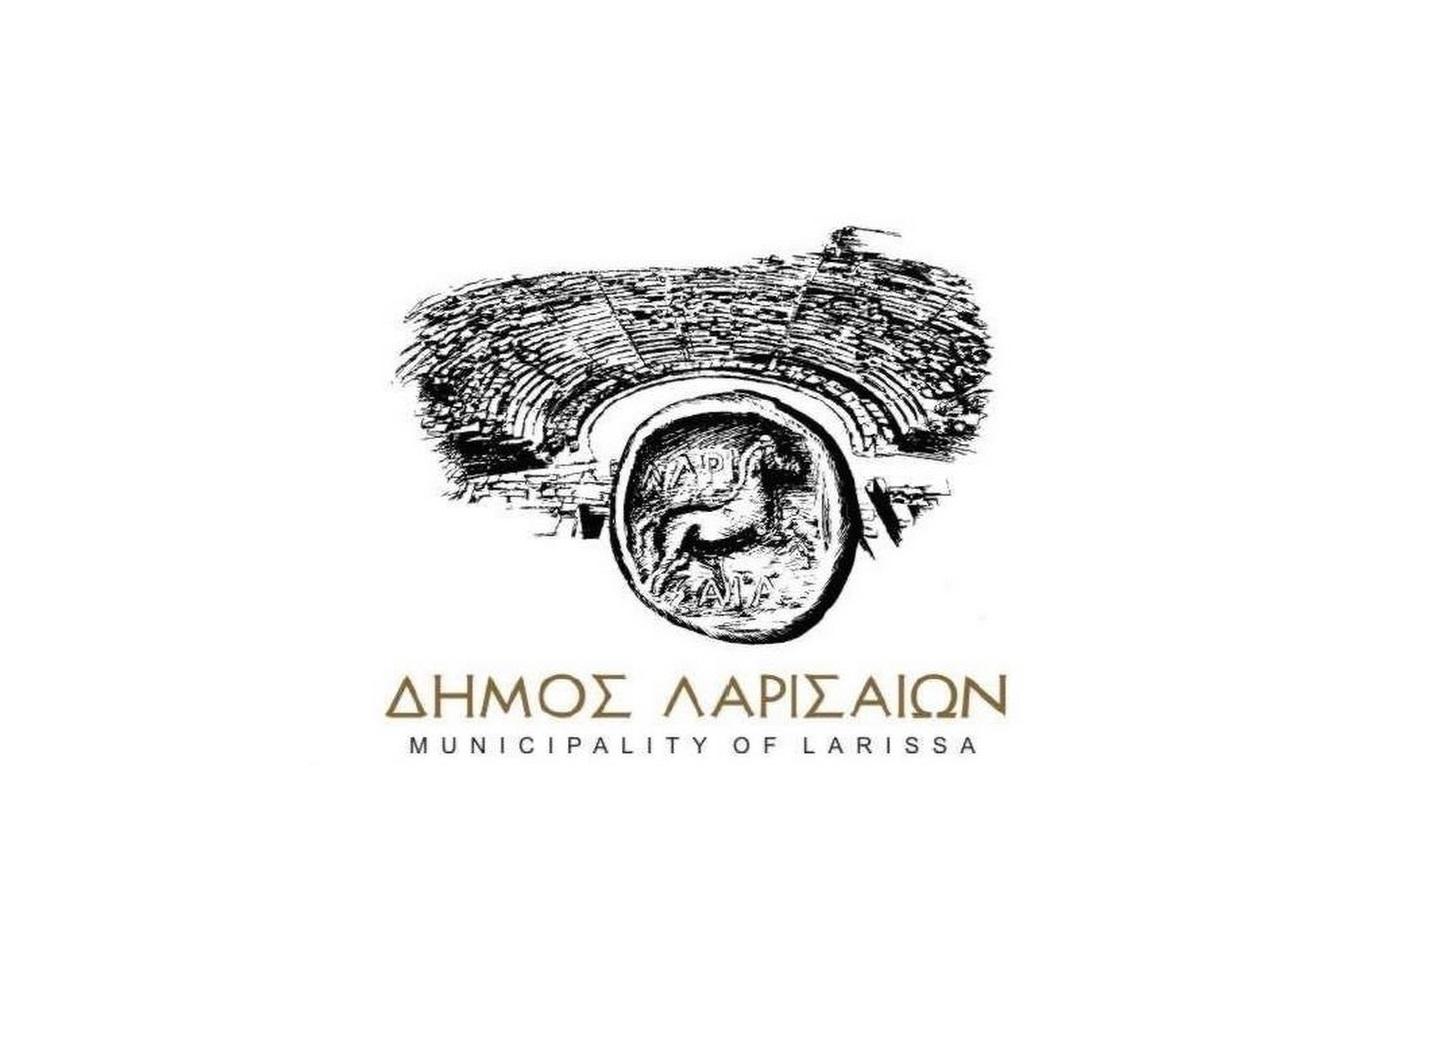 Παραγωγή έντυπου υλικού εκθεσιακής υποστήριξης του Μουσείου Παππά – Δήμος Λαρισαίων